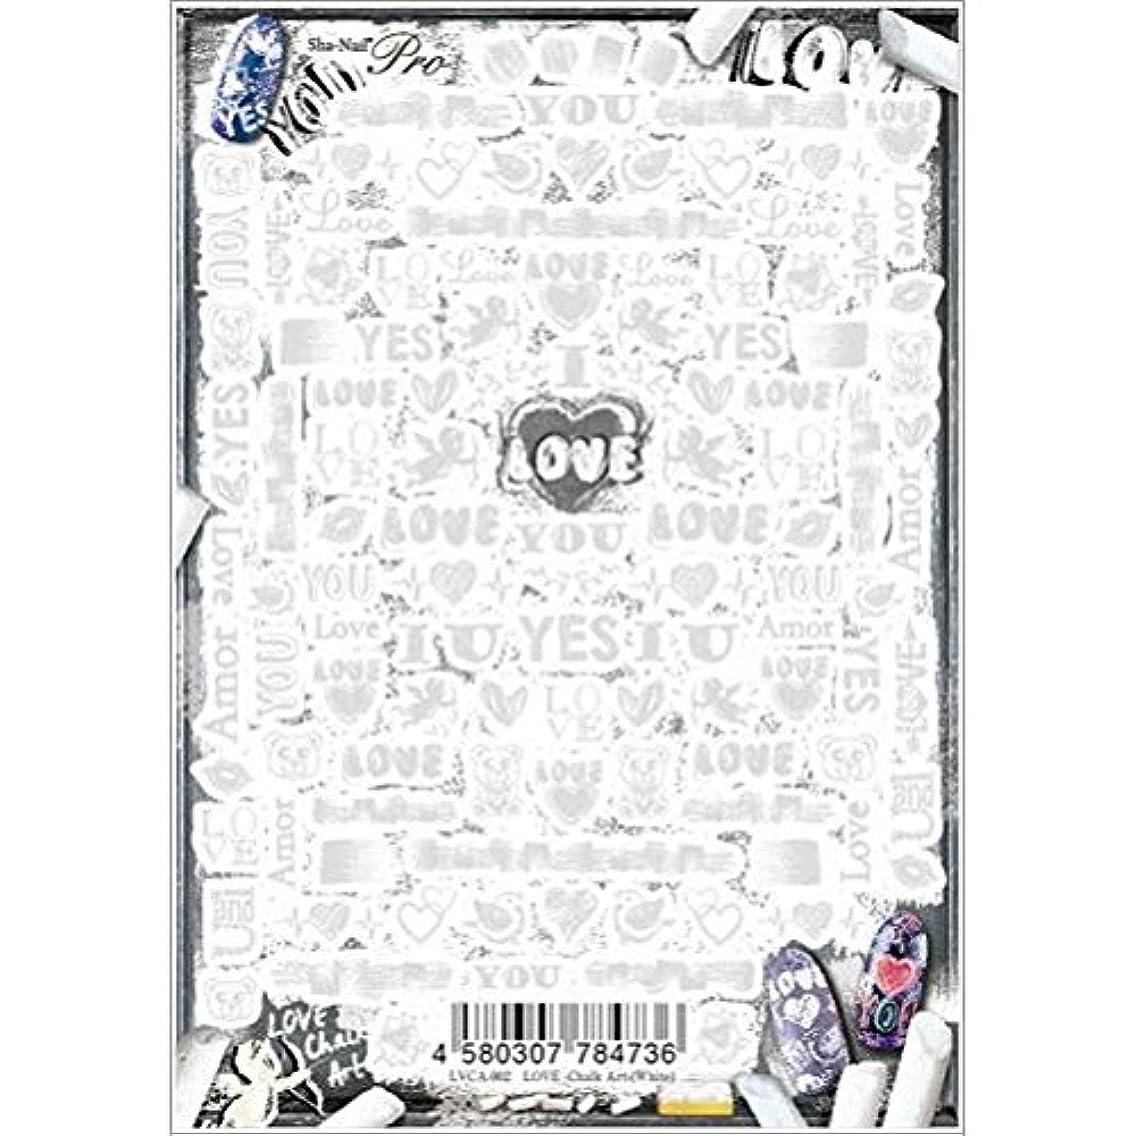 倫理夜明けにアルバムSha-Nail Pro ネイルシール ラブ-チョークアート-(ホワイト) LVCA-002